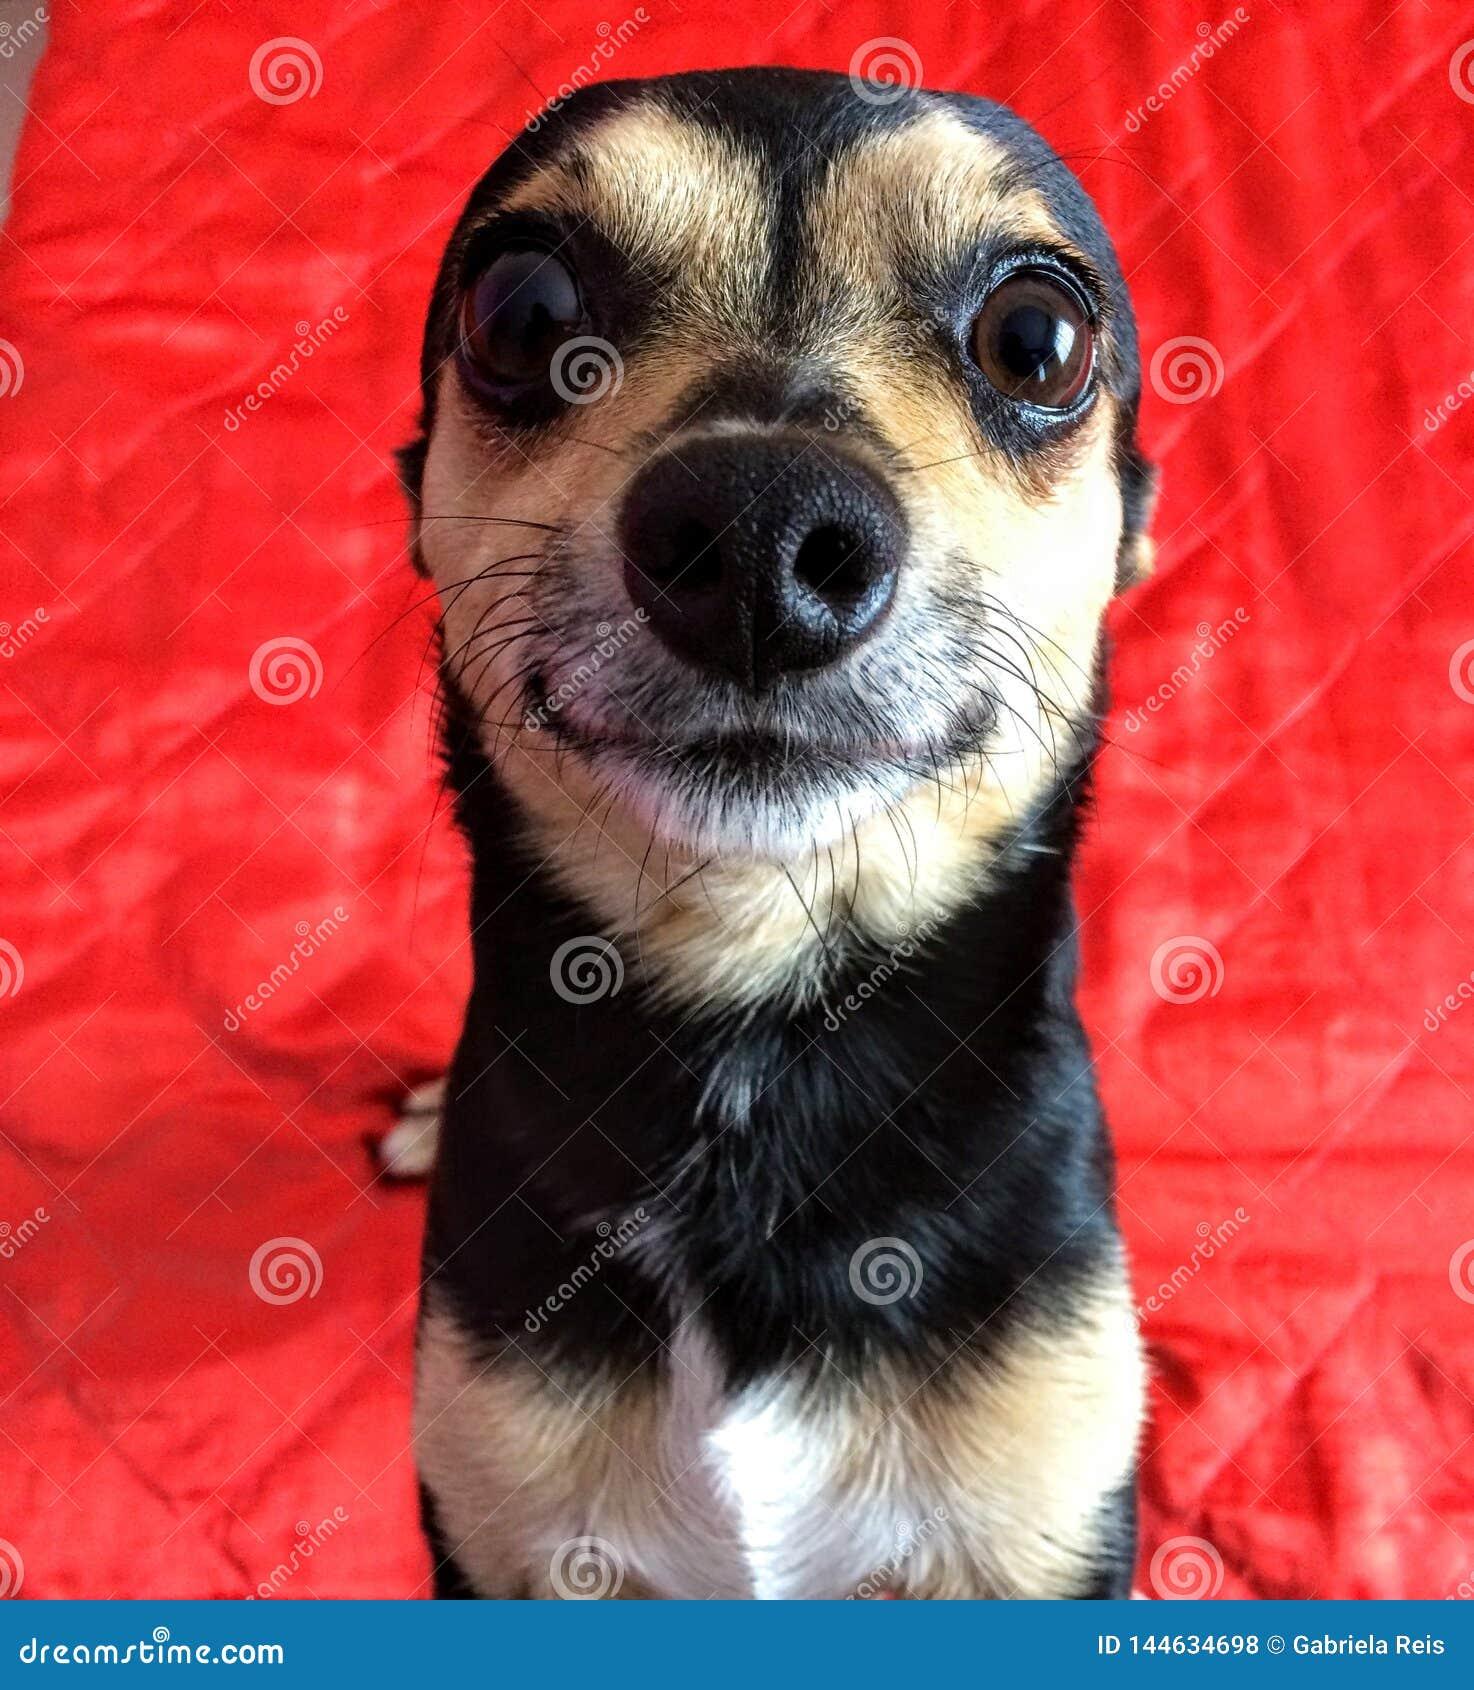 Das Gesicht des Hundes, das natürlich fungiert